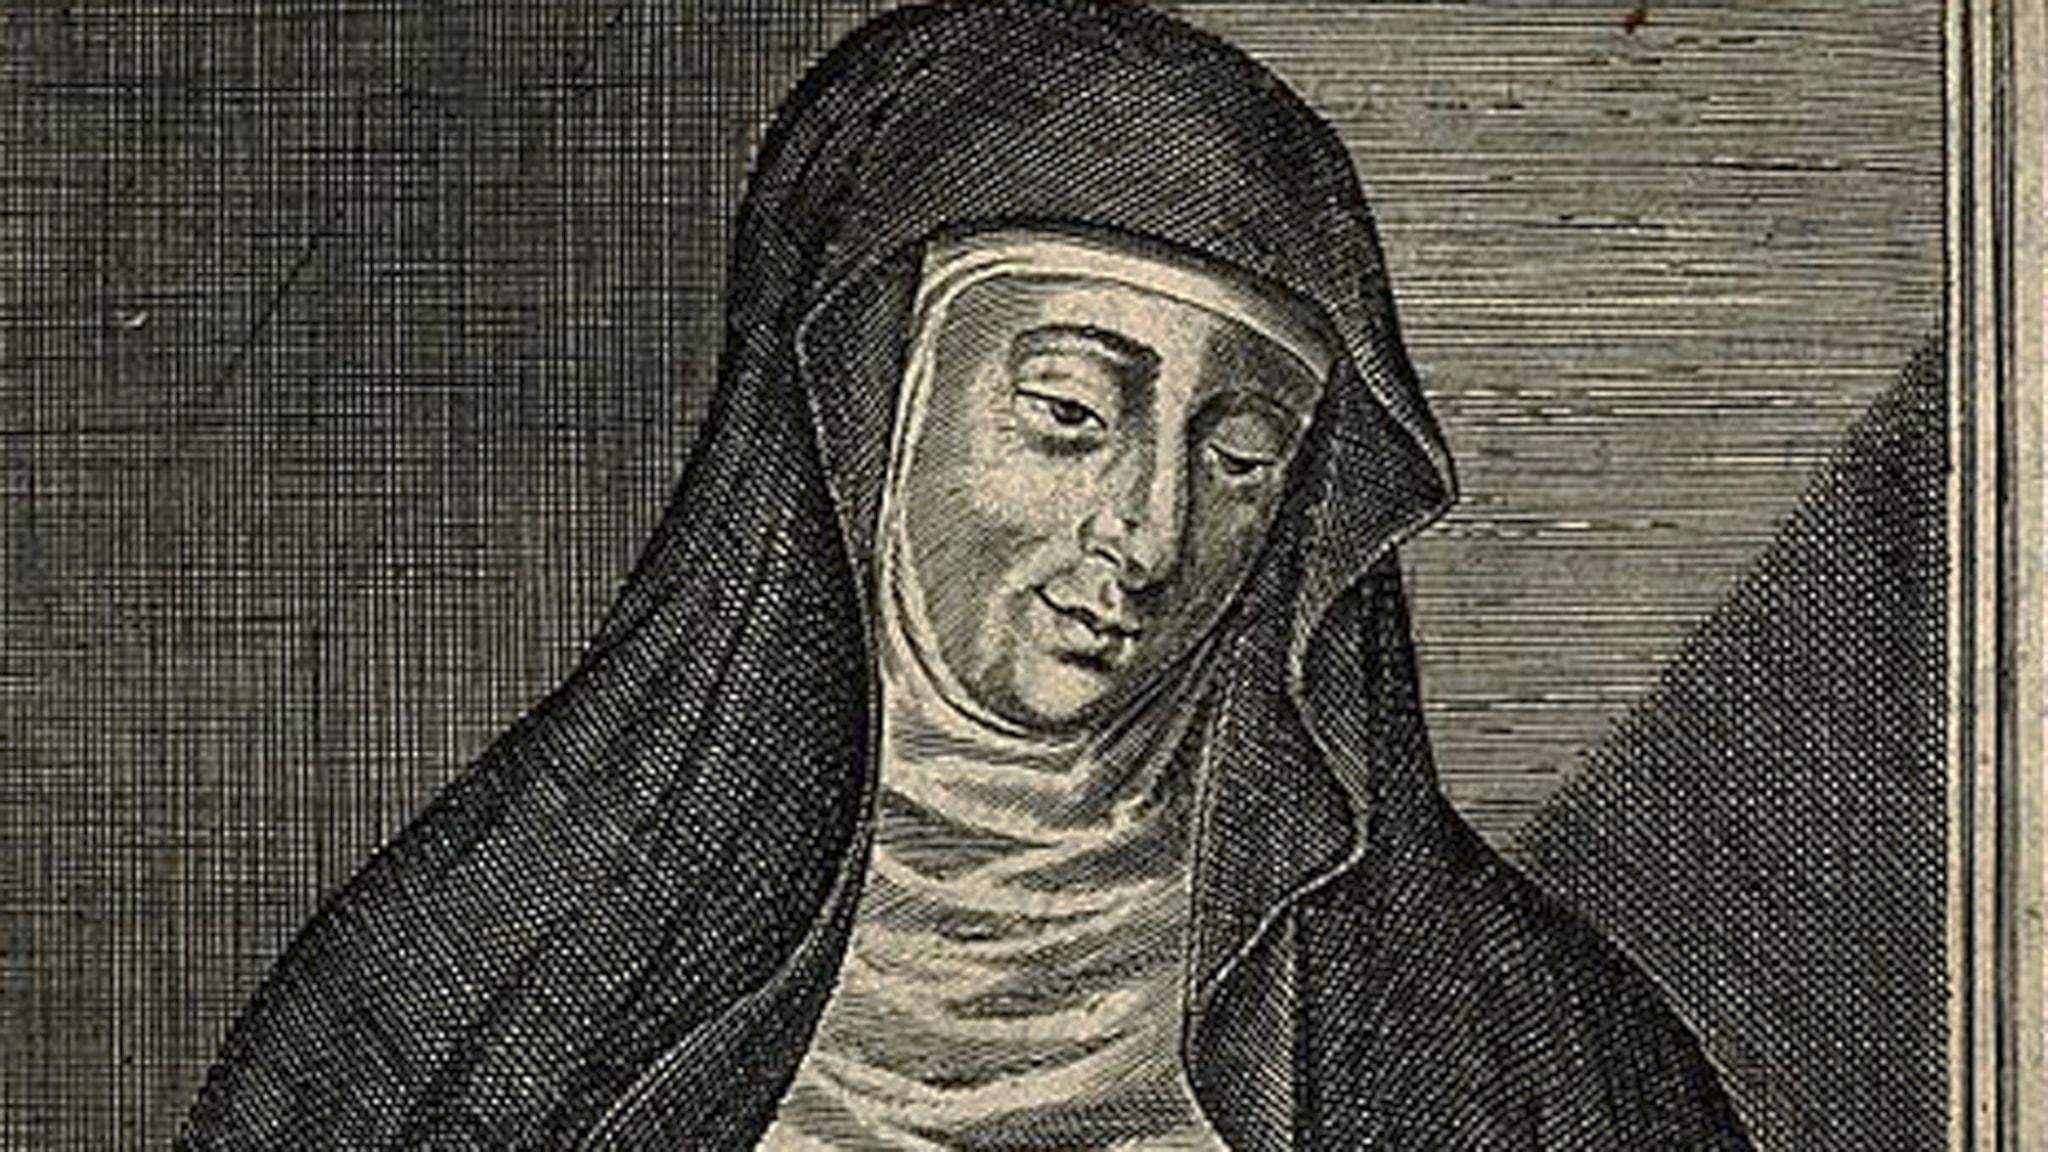 Hildegard av Bingen. Gravyr på papper av W Marshall Wellcome. Foto: Wikimedia commons.